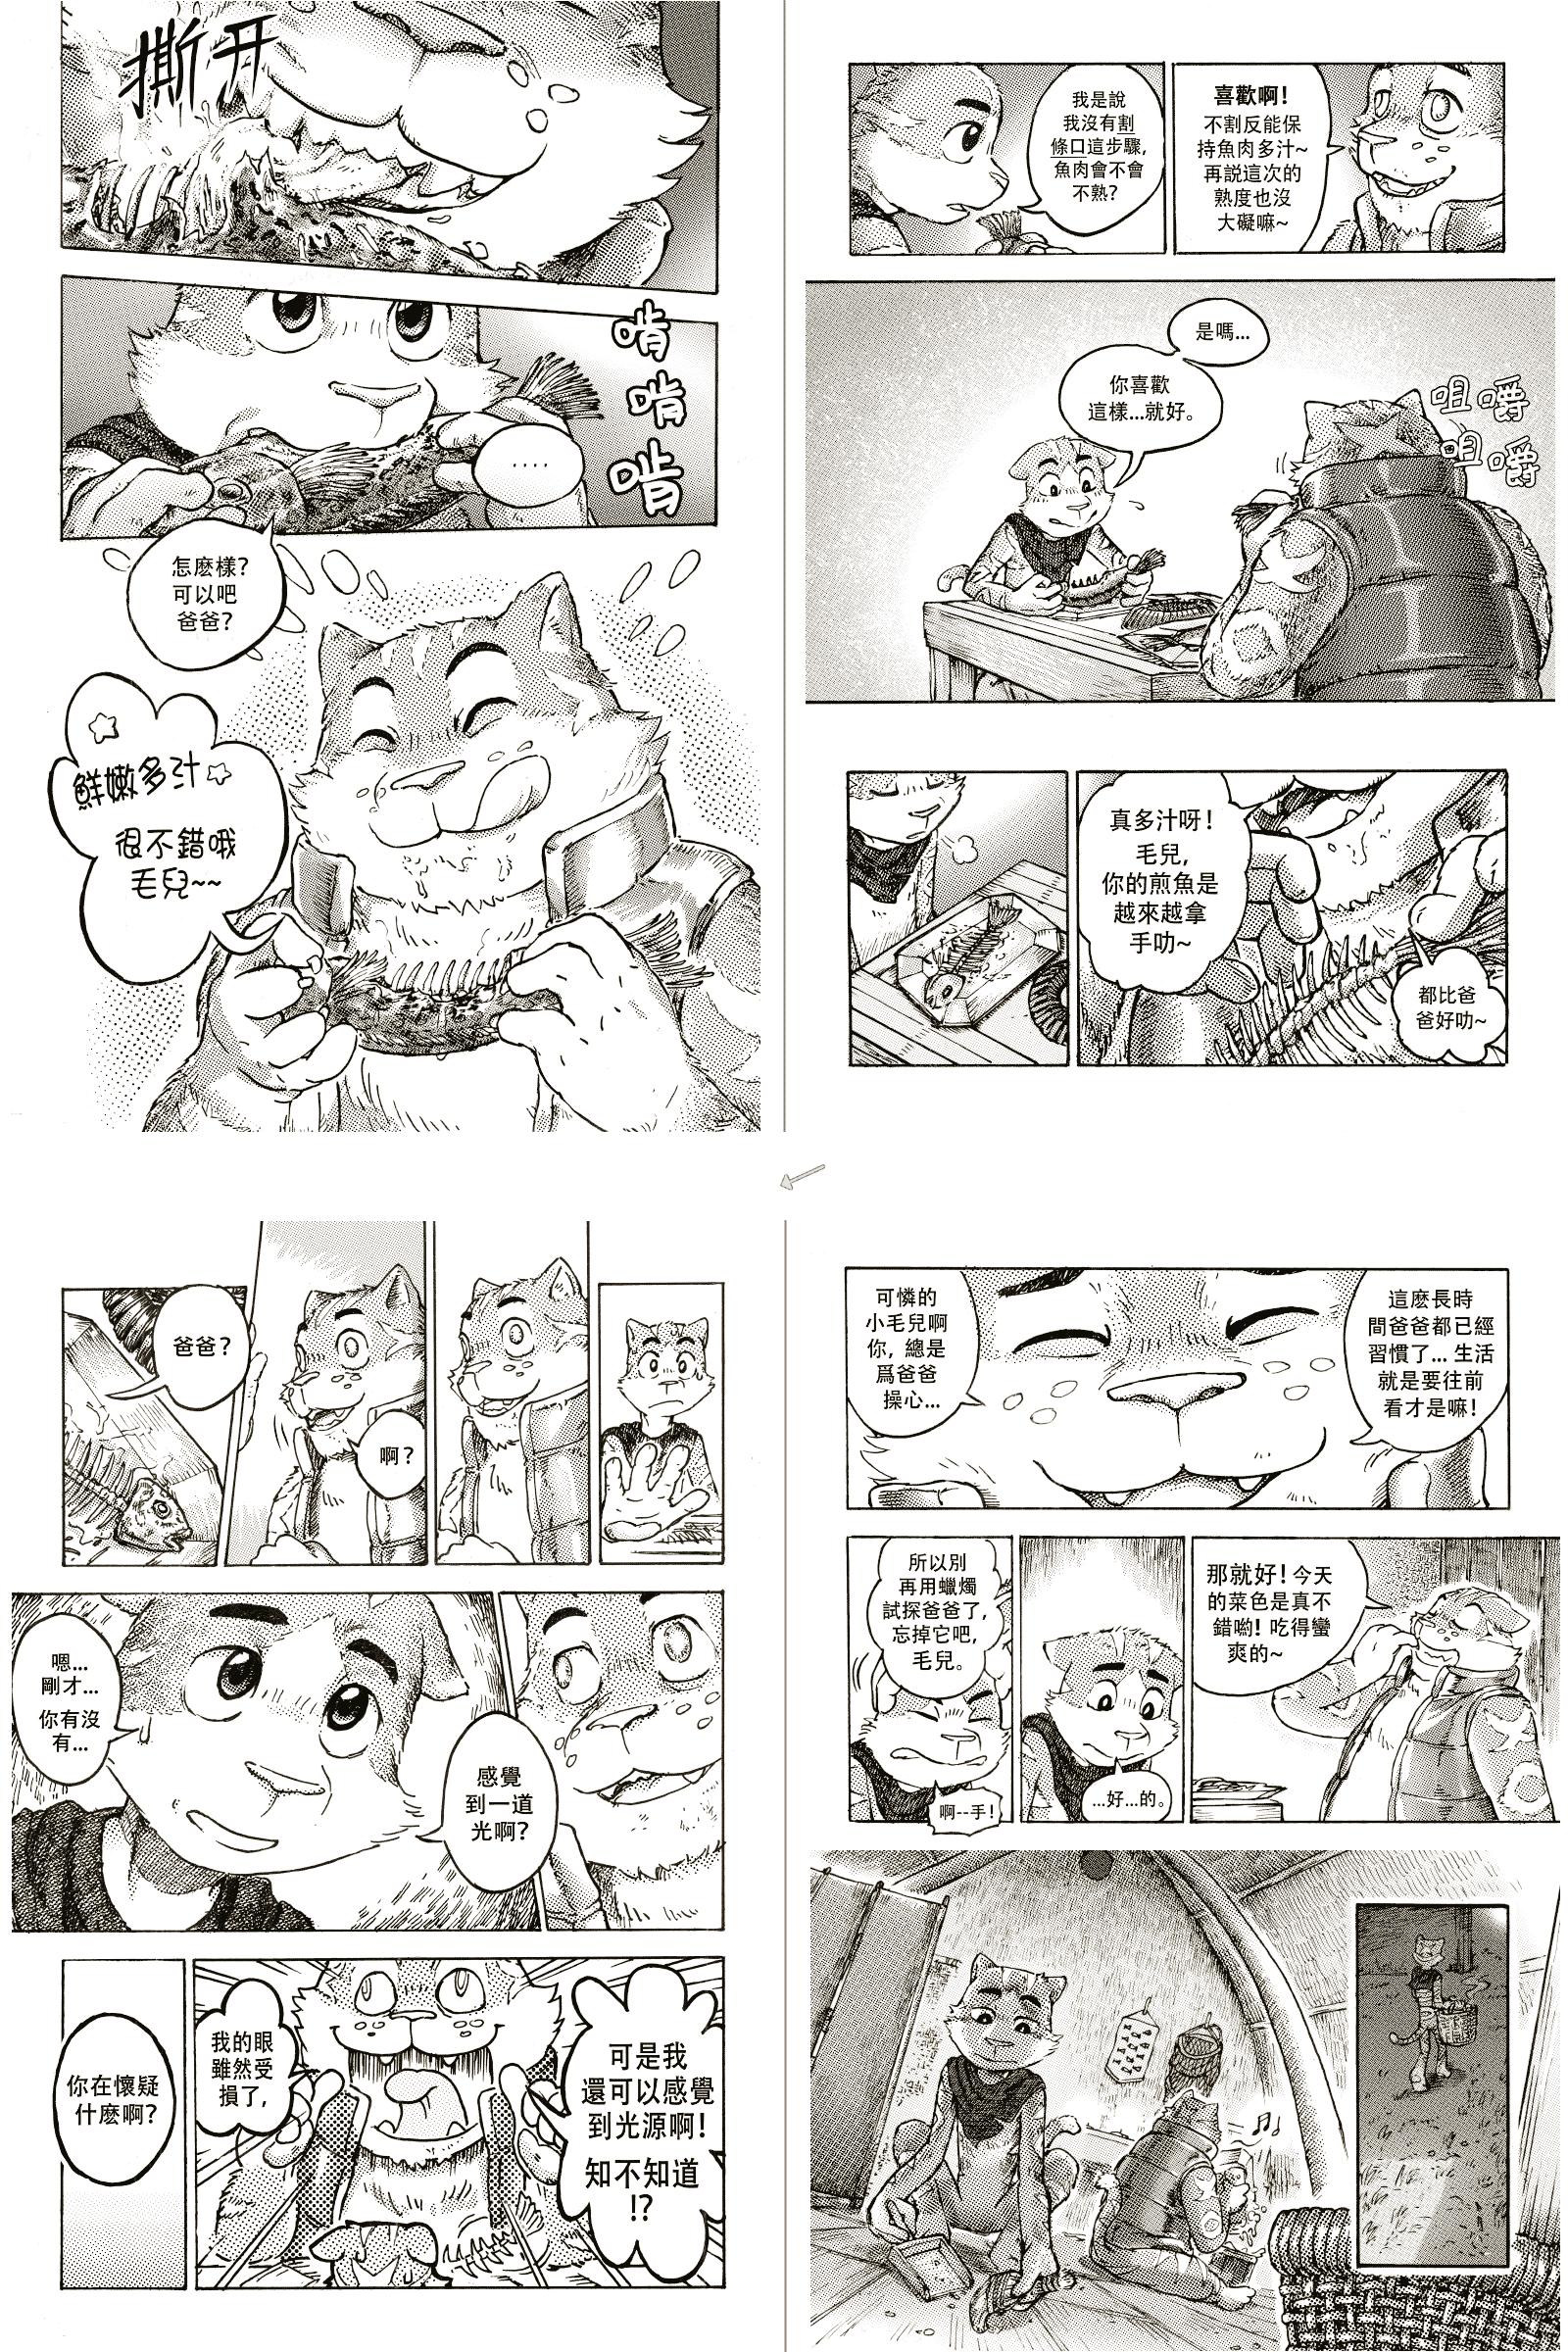 第 3 話 — (3)